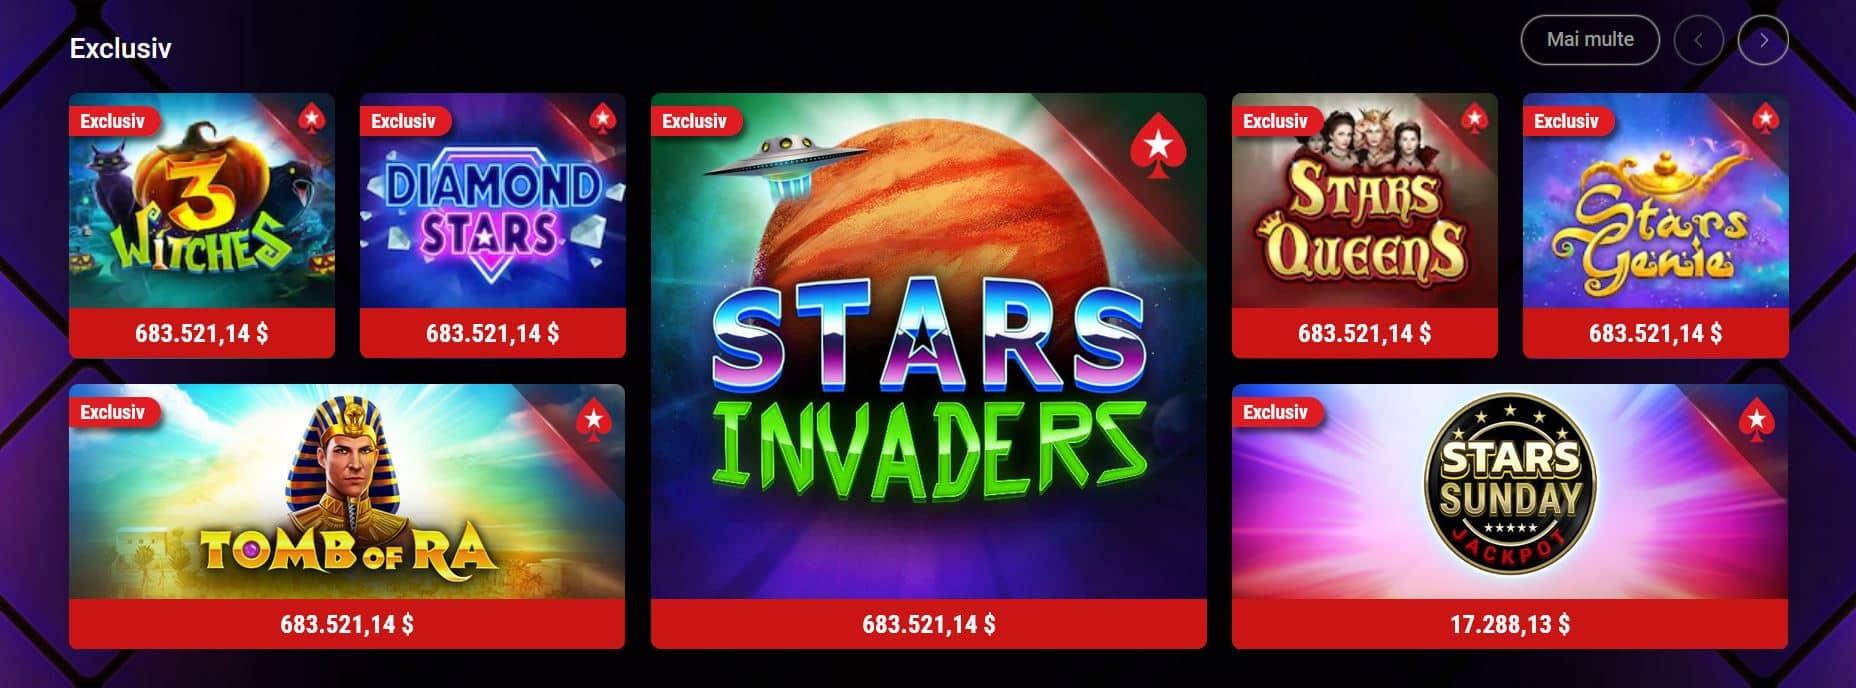 pacanele exlusiv la stars casino